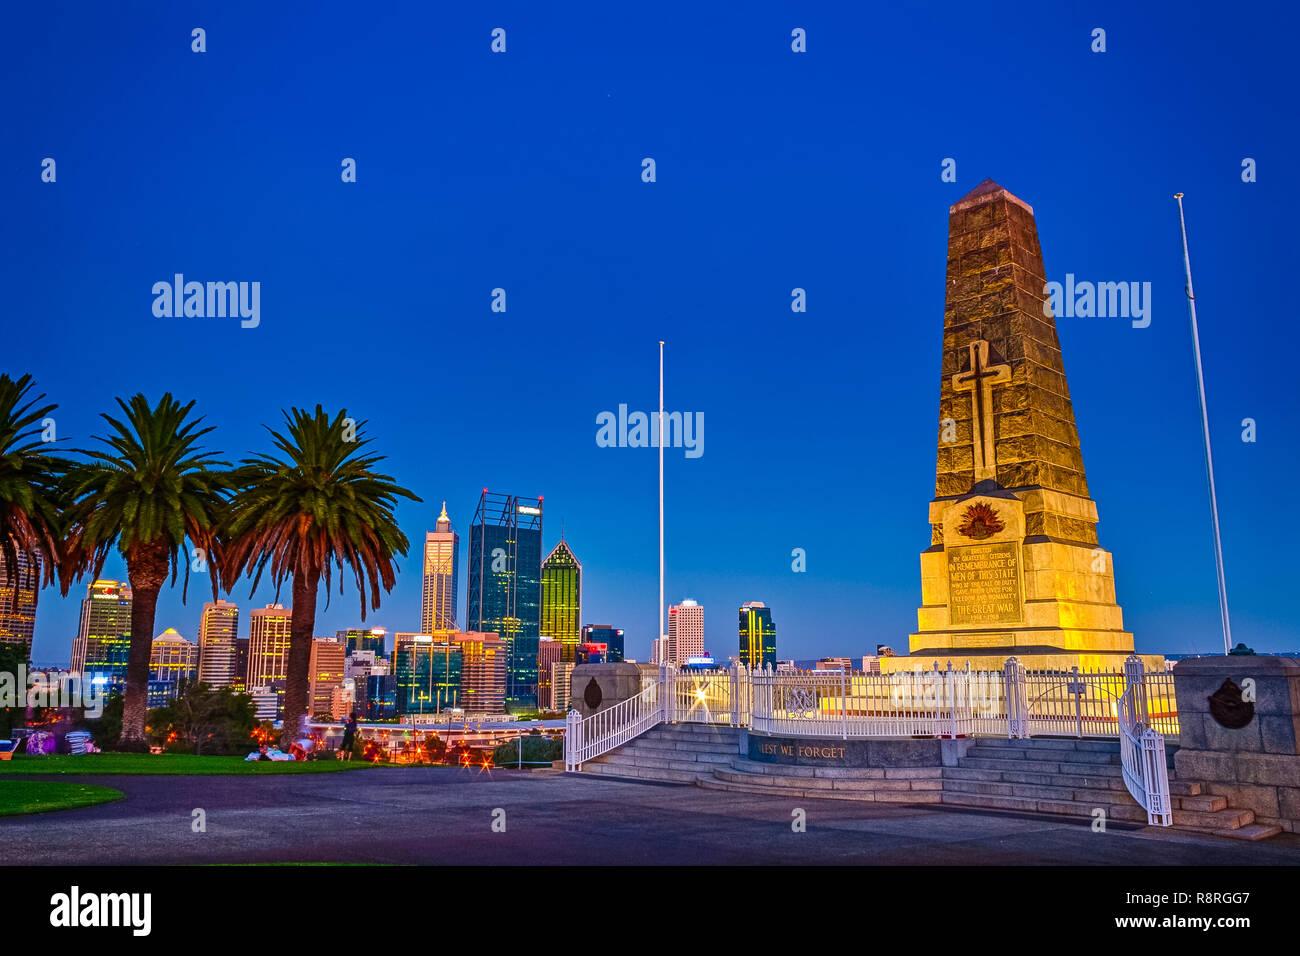 Kings Park War Memorial, Perth, Western Australia - Stock Image